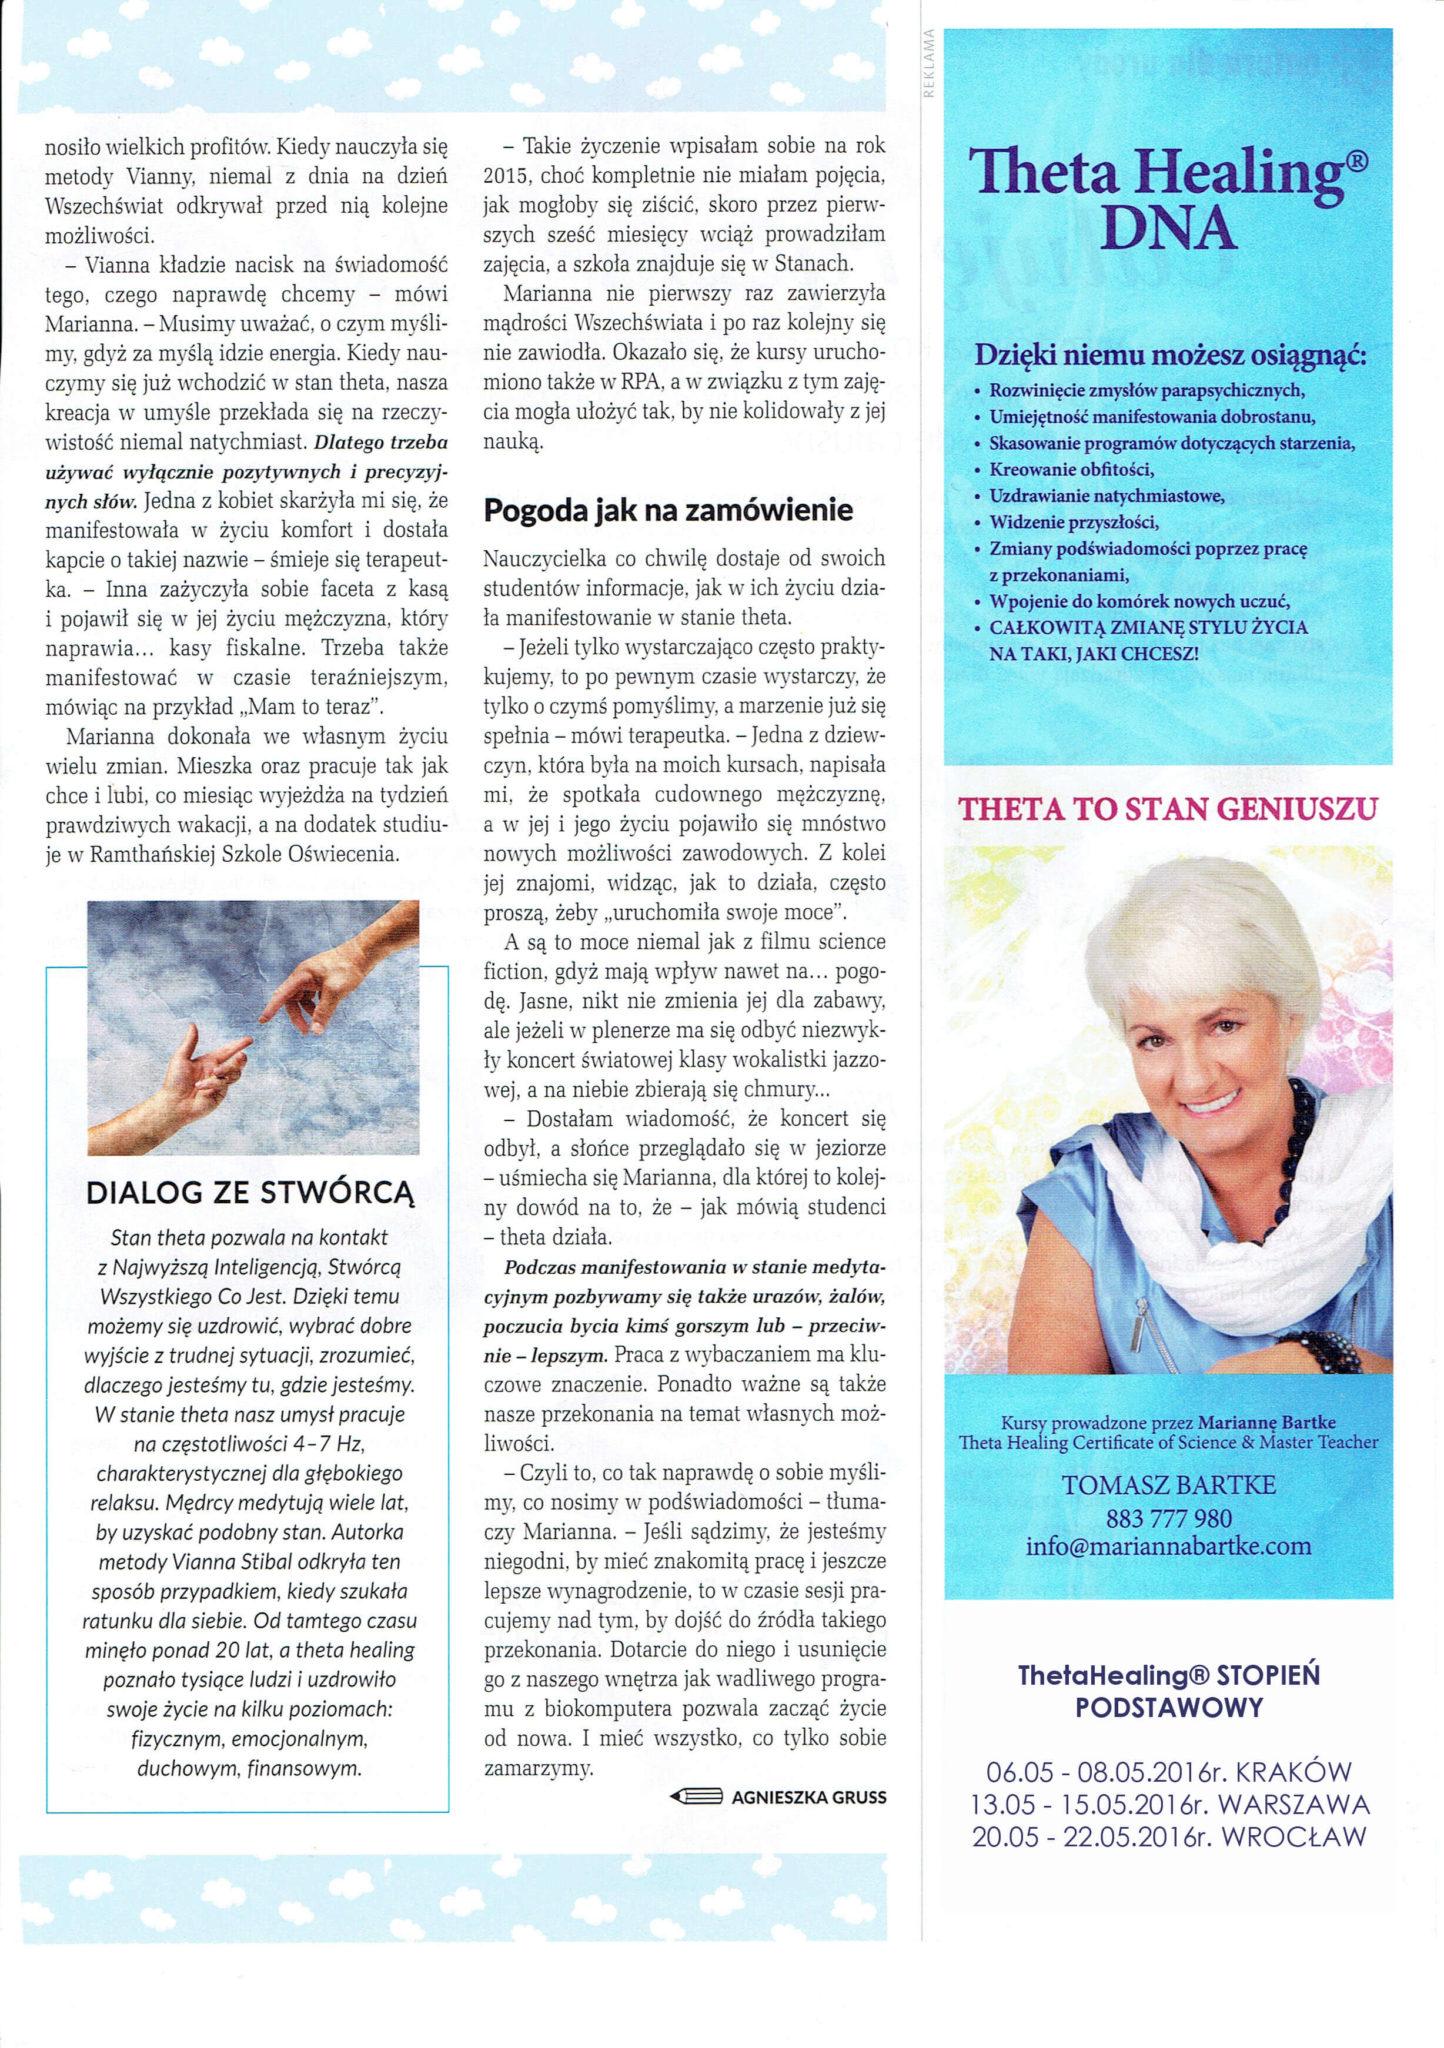 Gwiazdy Mówią - Stwórz sobie NOWE ŻYCIE. cz.2